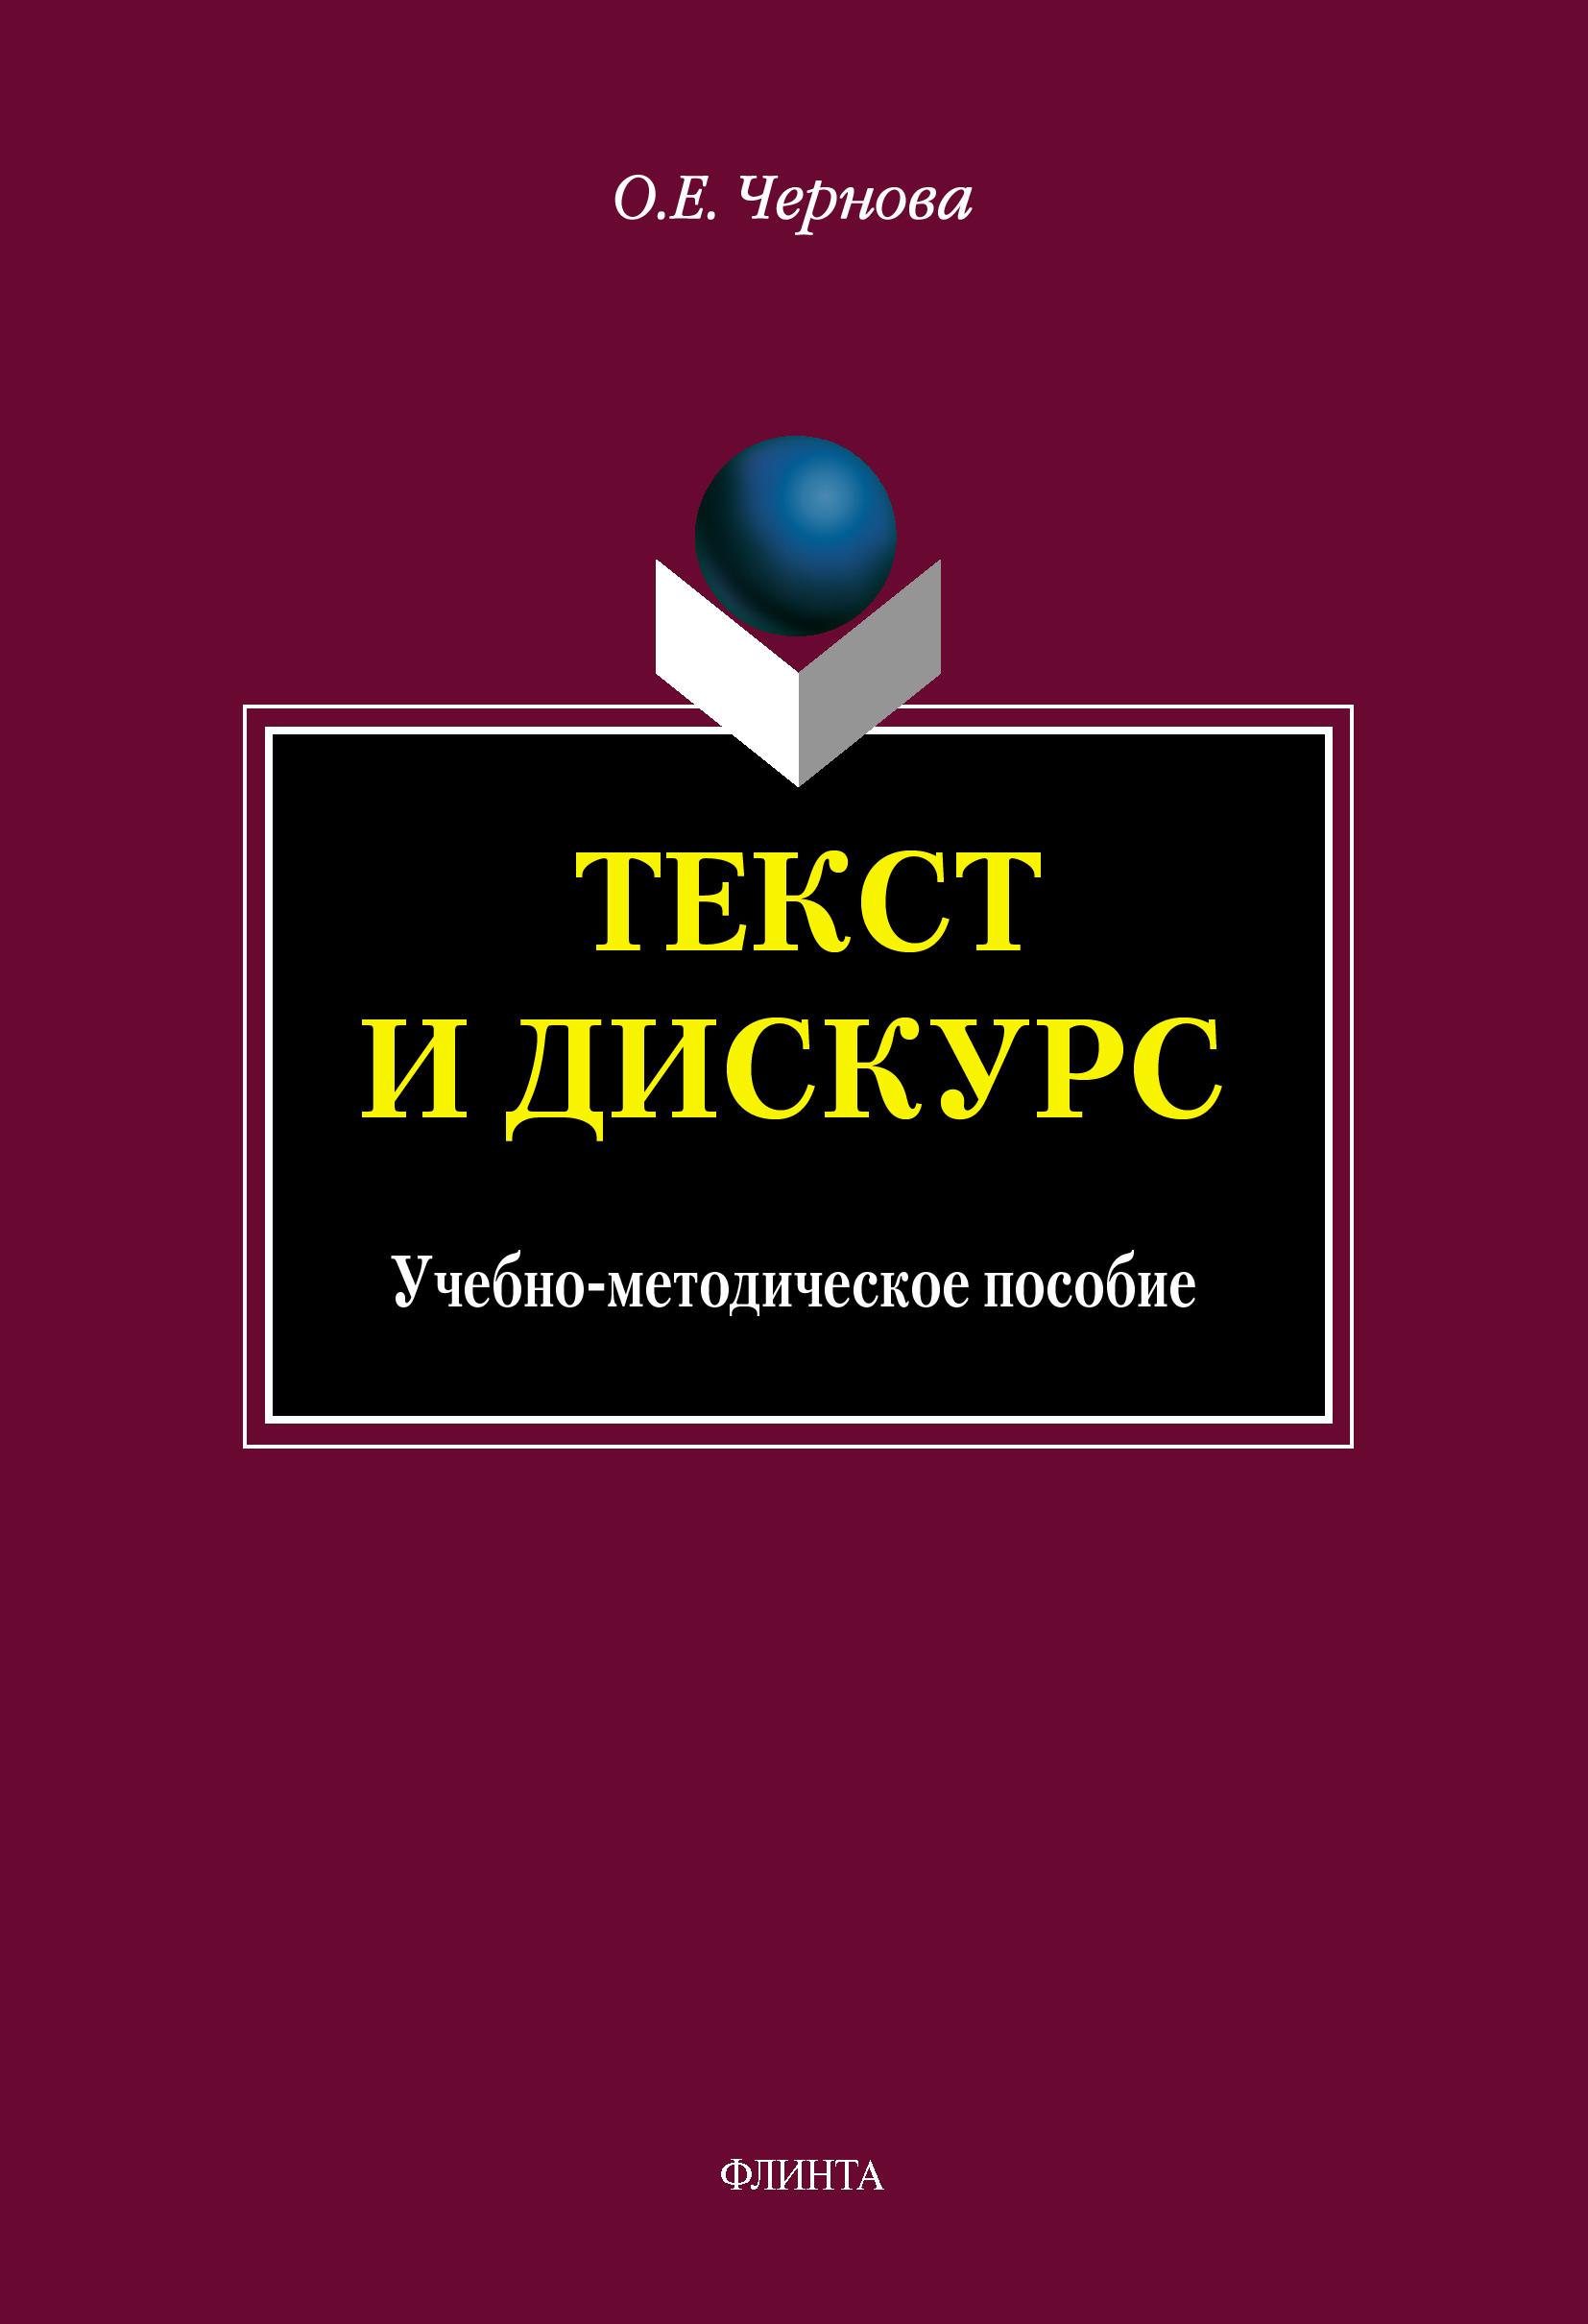 цены на О. Е. Чернова Текст и Дискурс  в интернет-магазинах